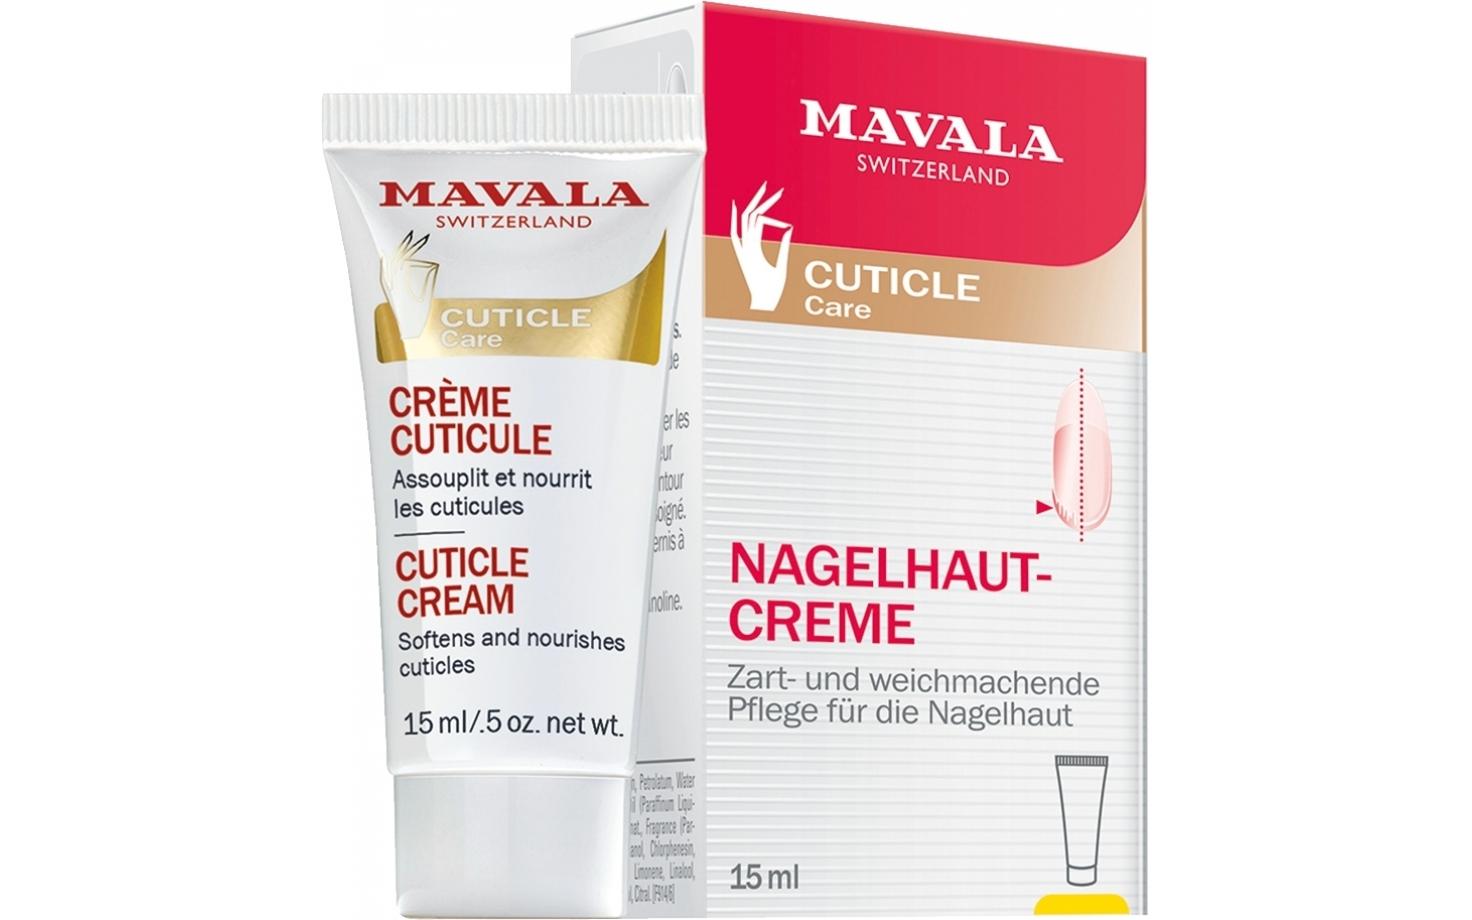 Mavala Nagelhaut-Creme 15 ml